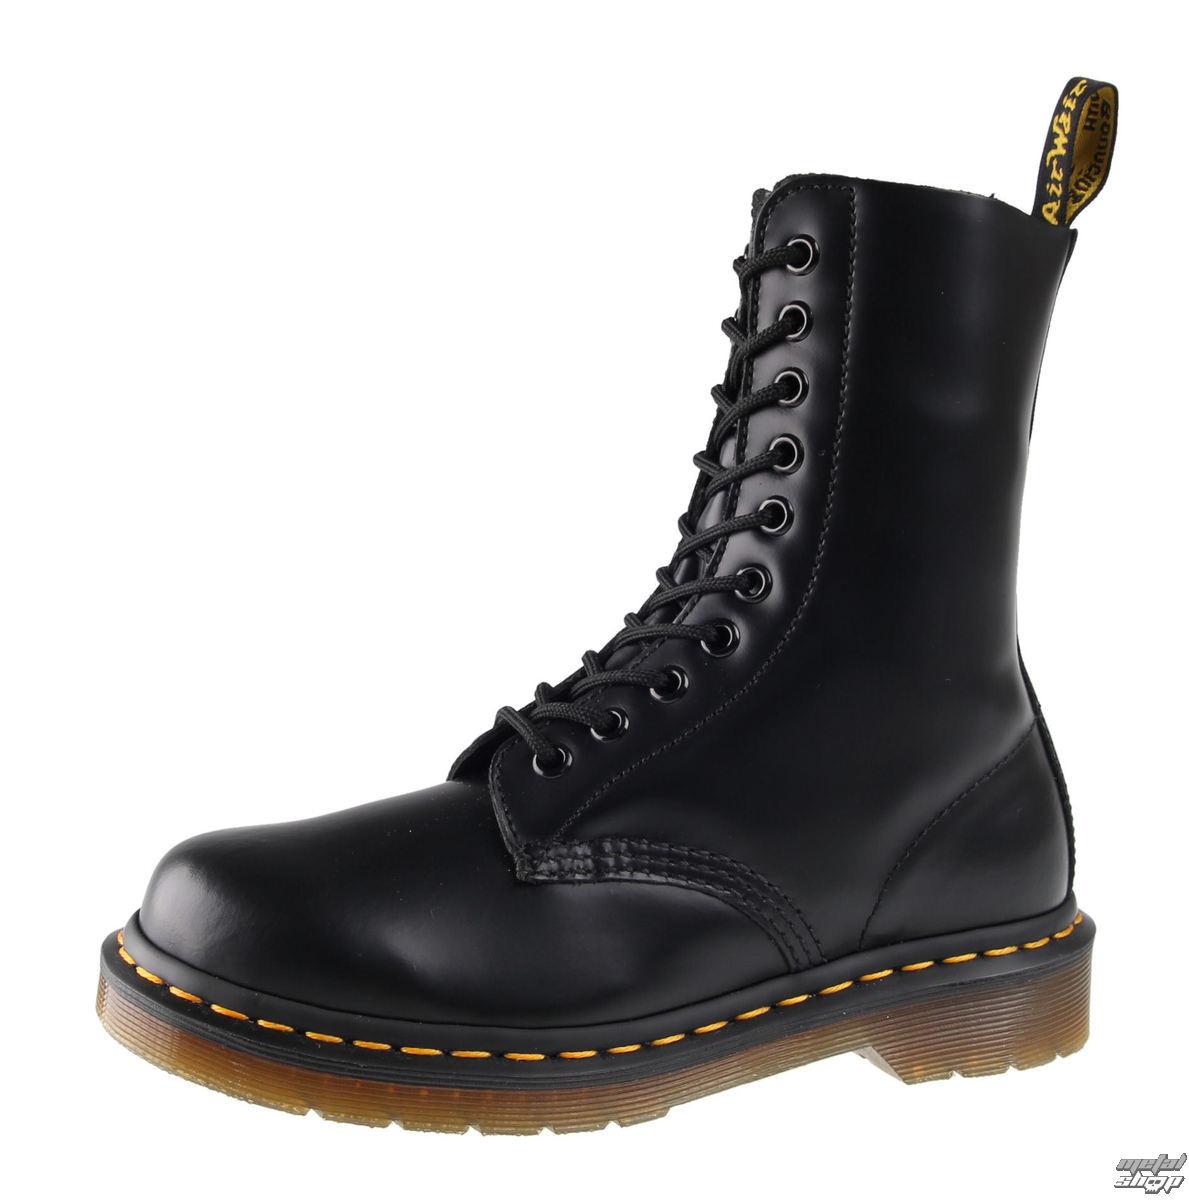 boty DR. MARTENS - 10 dírkové - DM 1490 BLACK SMOOTH - DM11857001